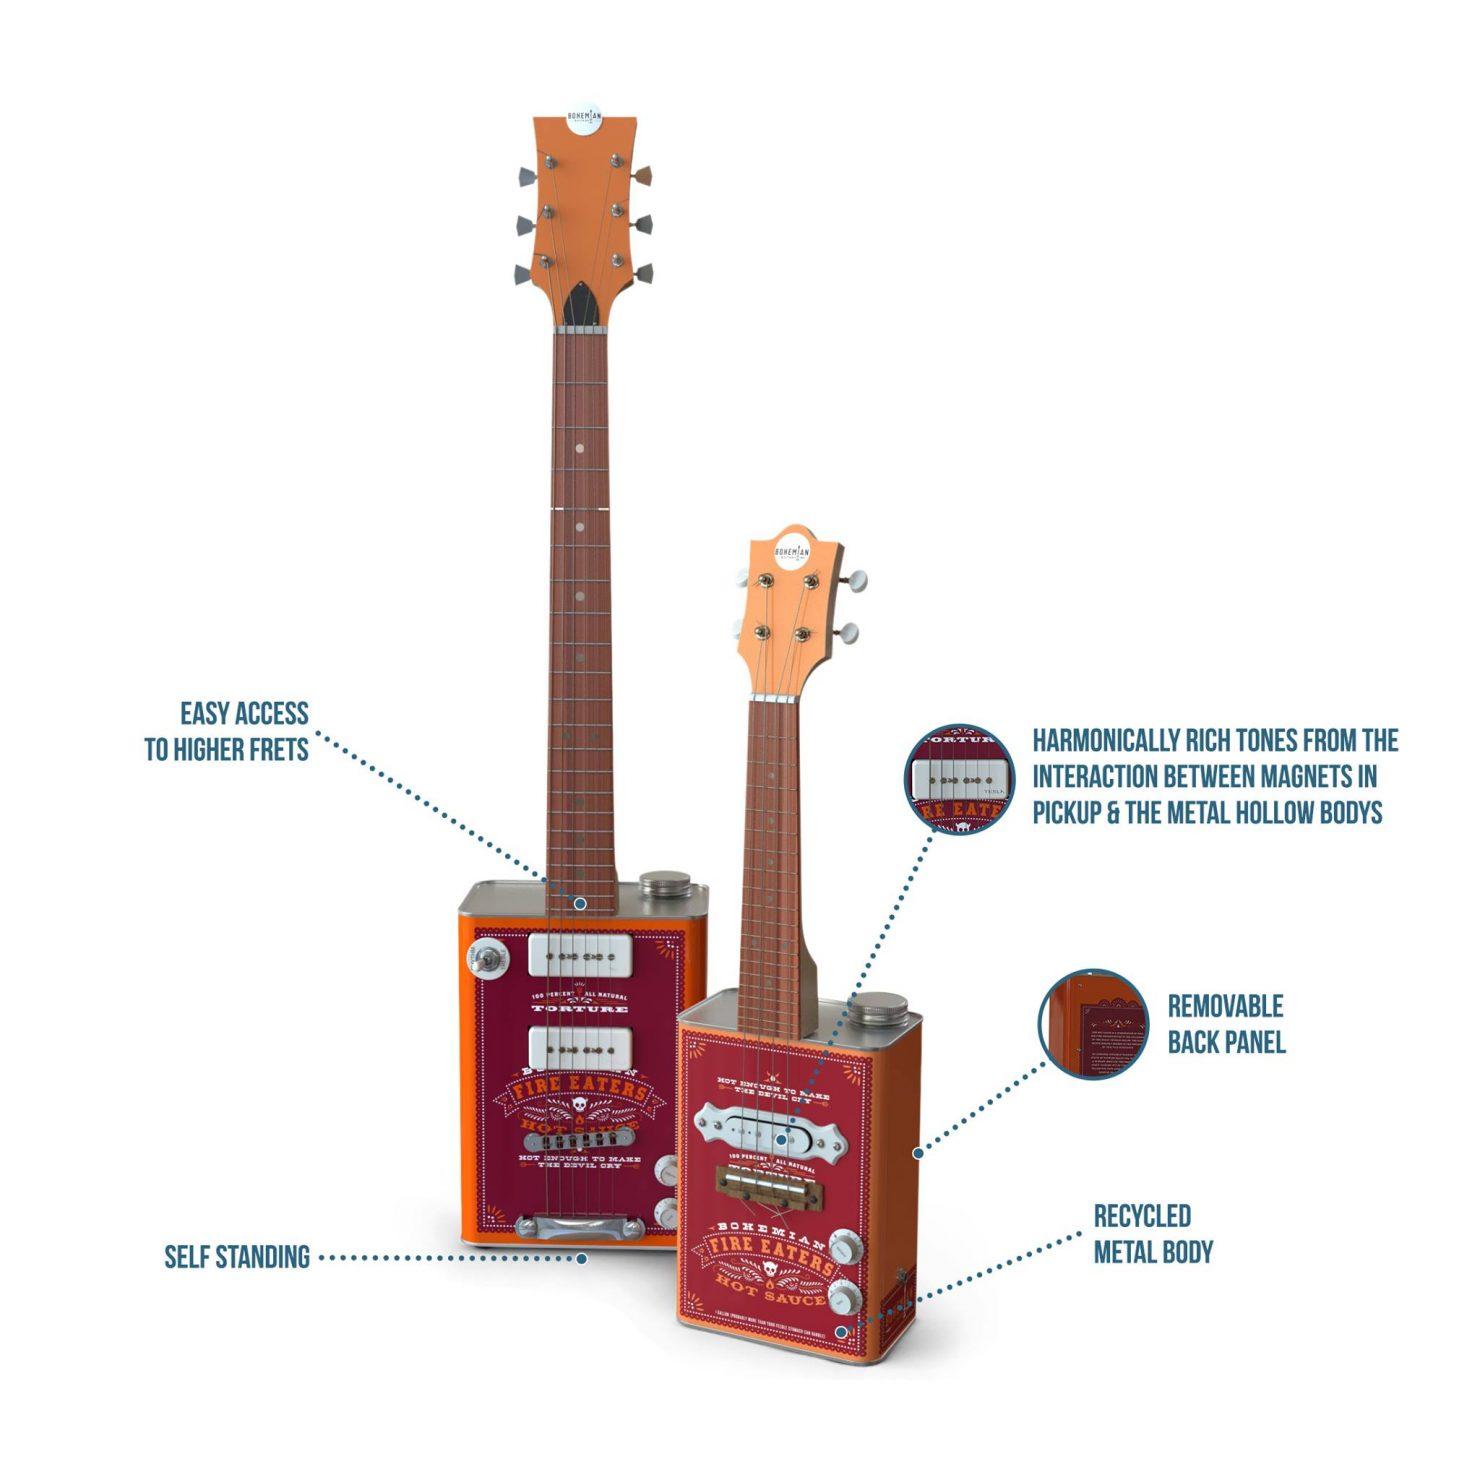 Bohemian Guitars 1 1480x1480 - Bohemian Guitars